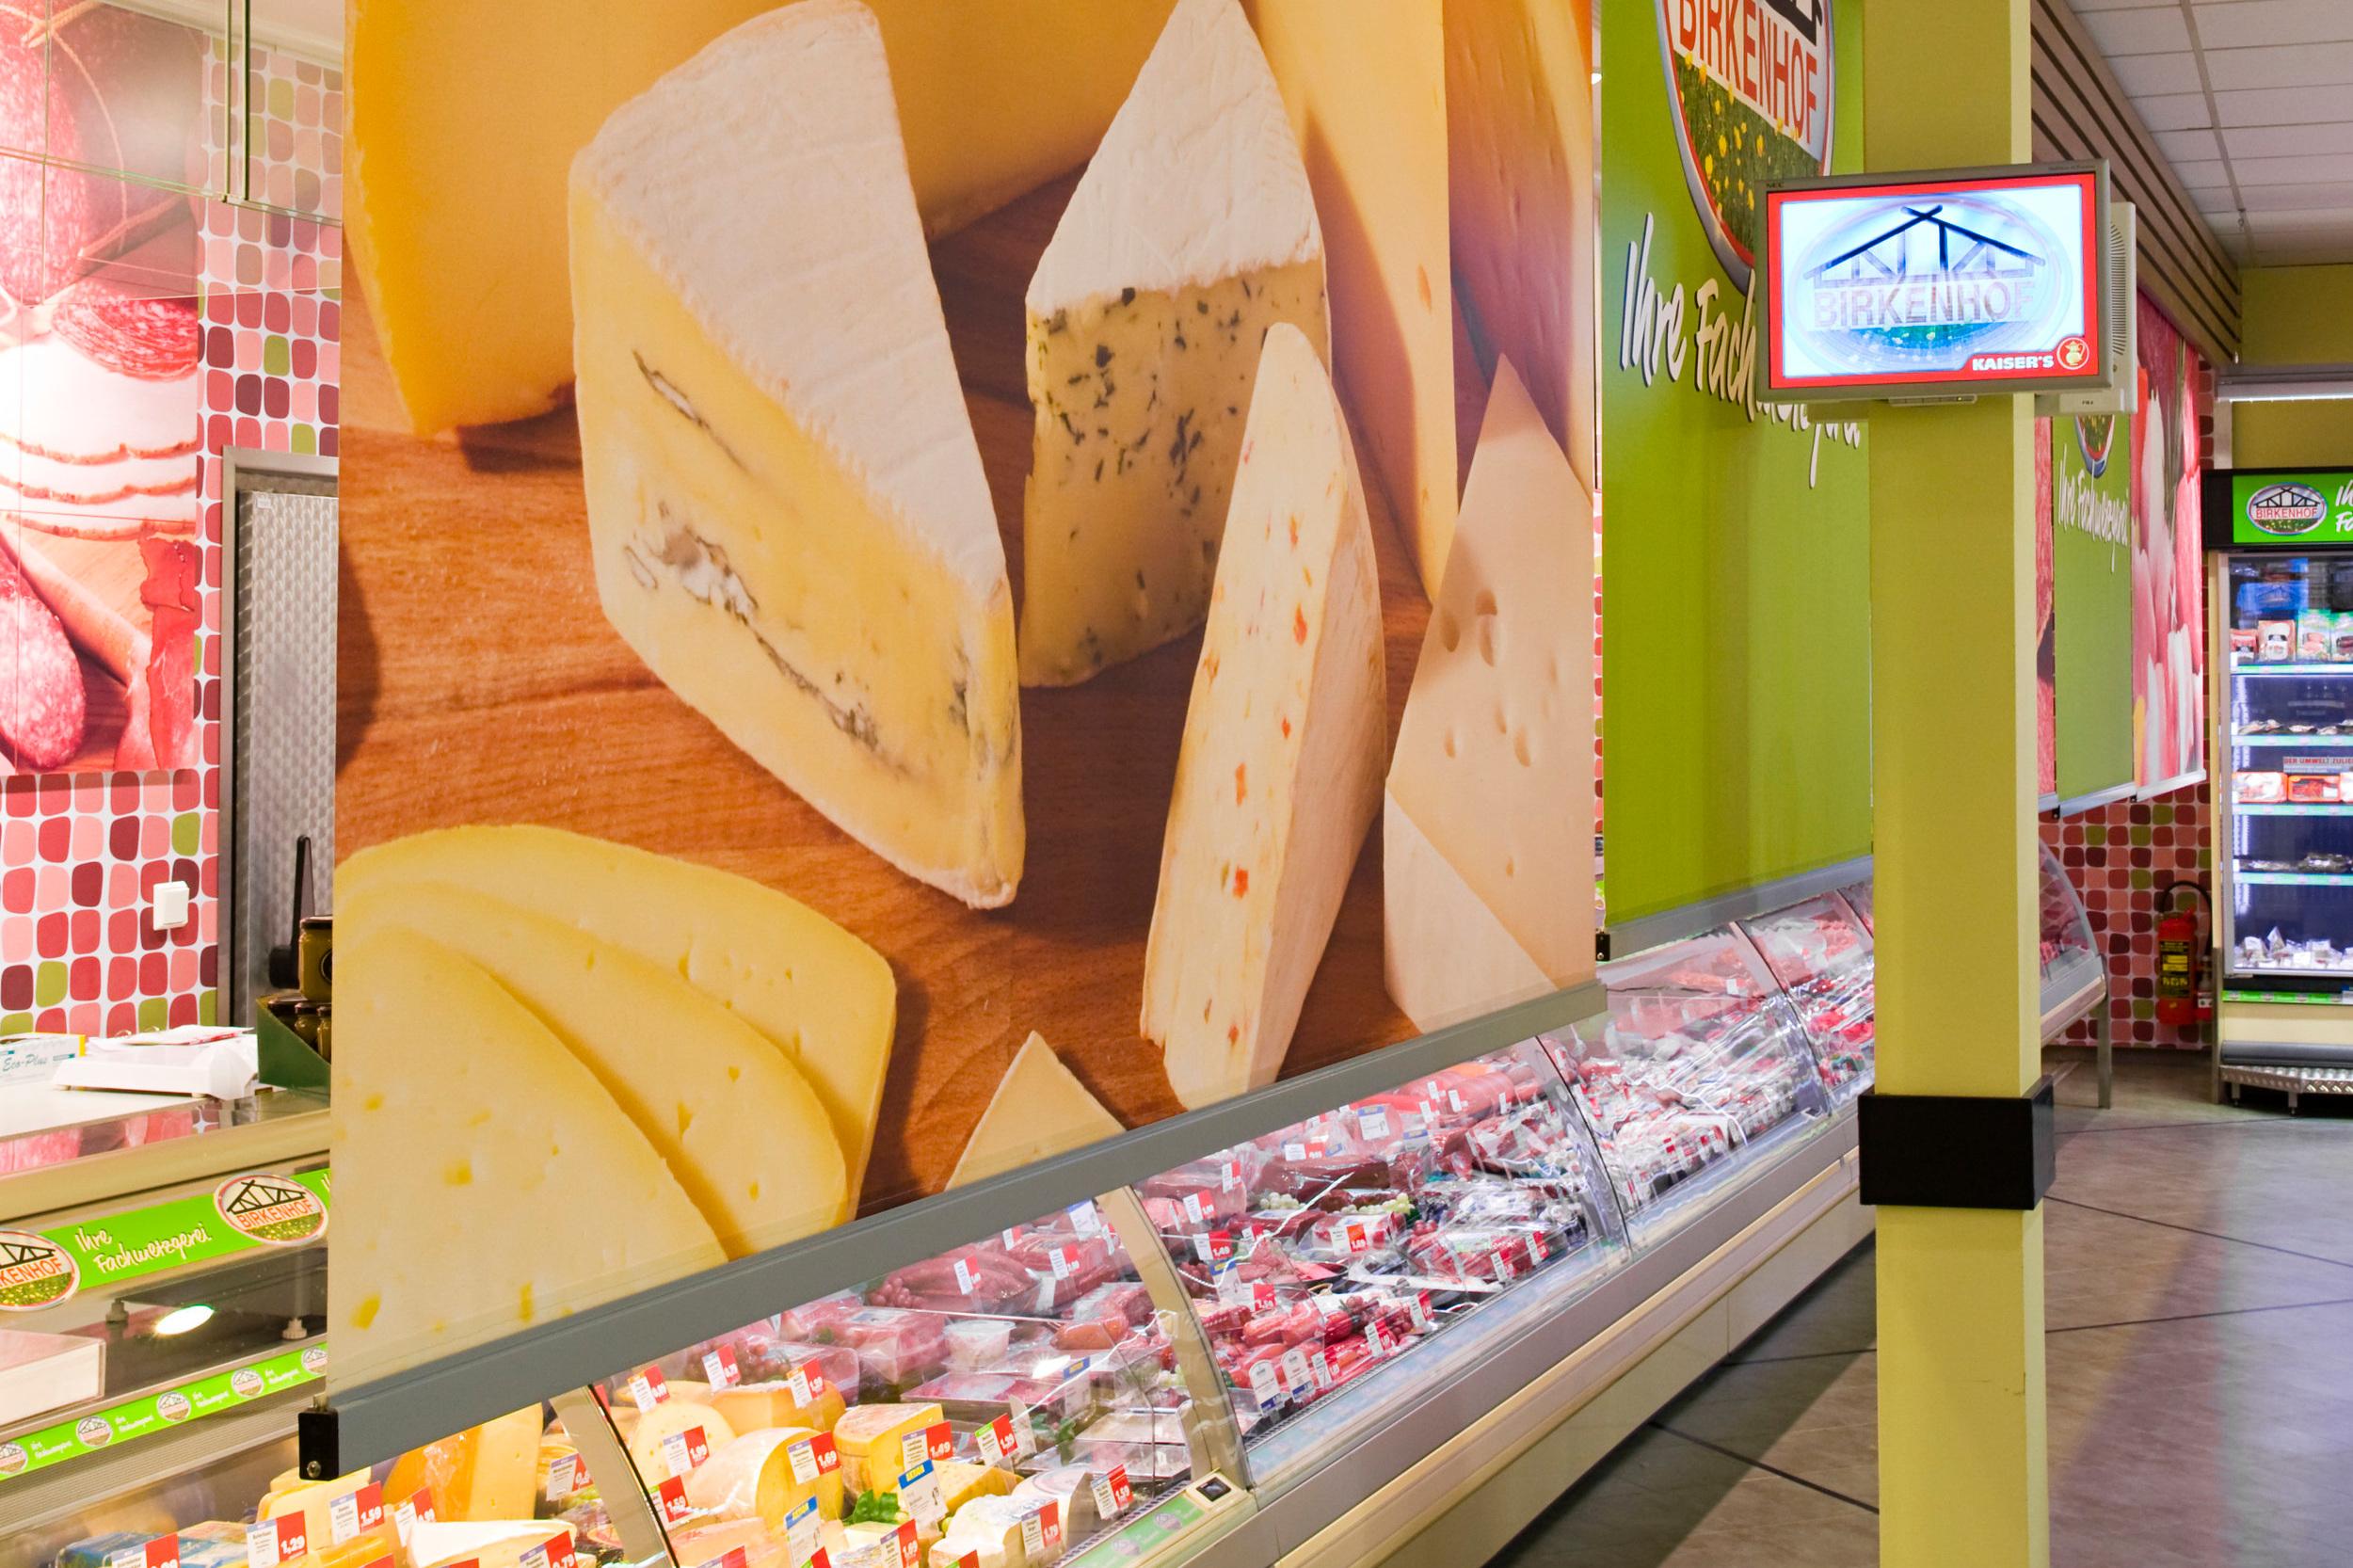 Frischetheke Supermarkt, Deutschland - Mediatex® Bermuda